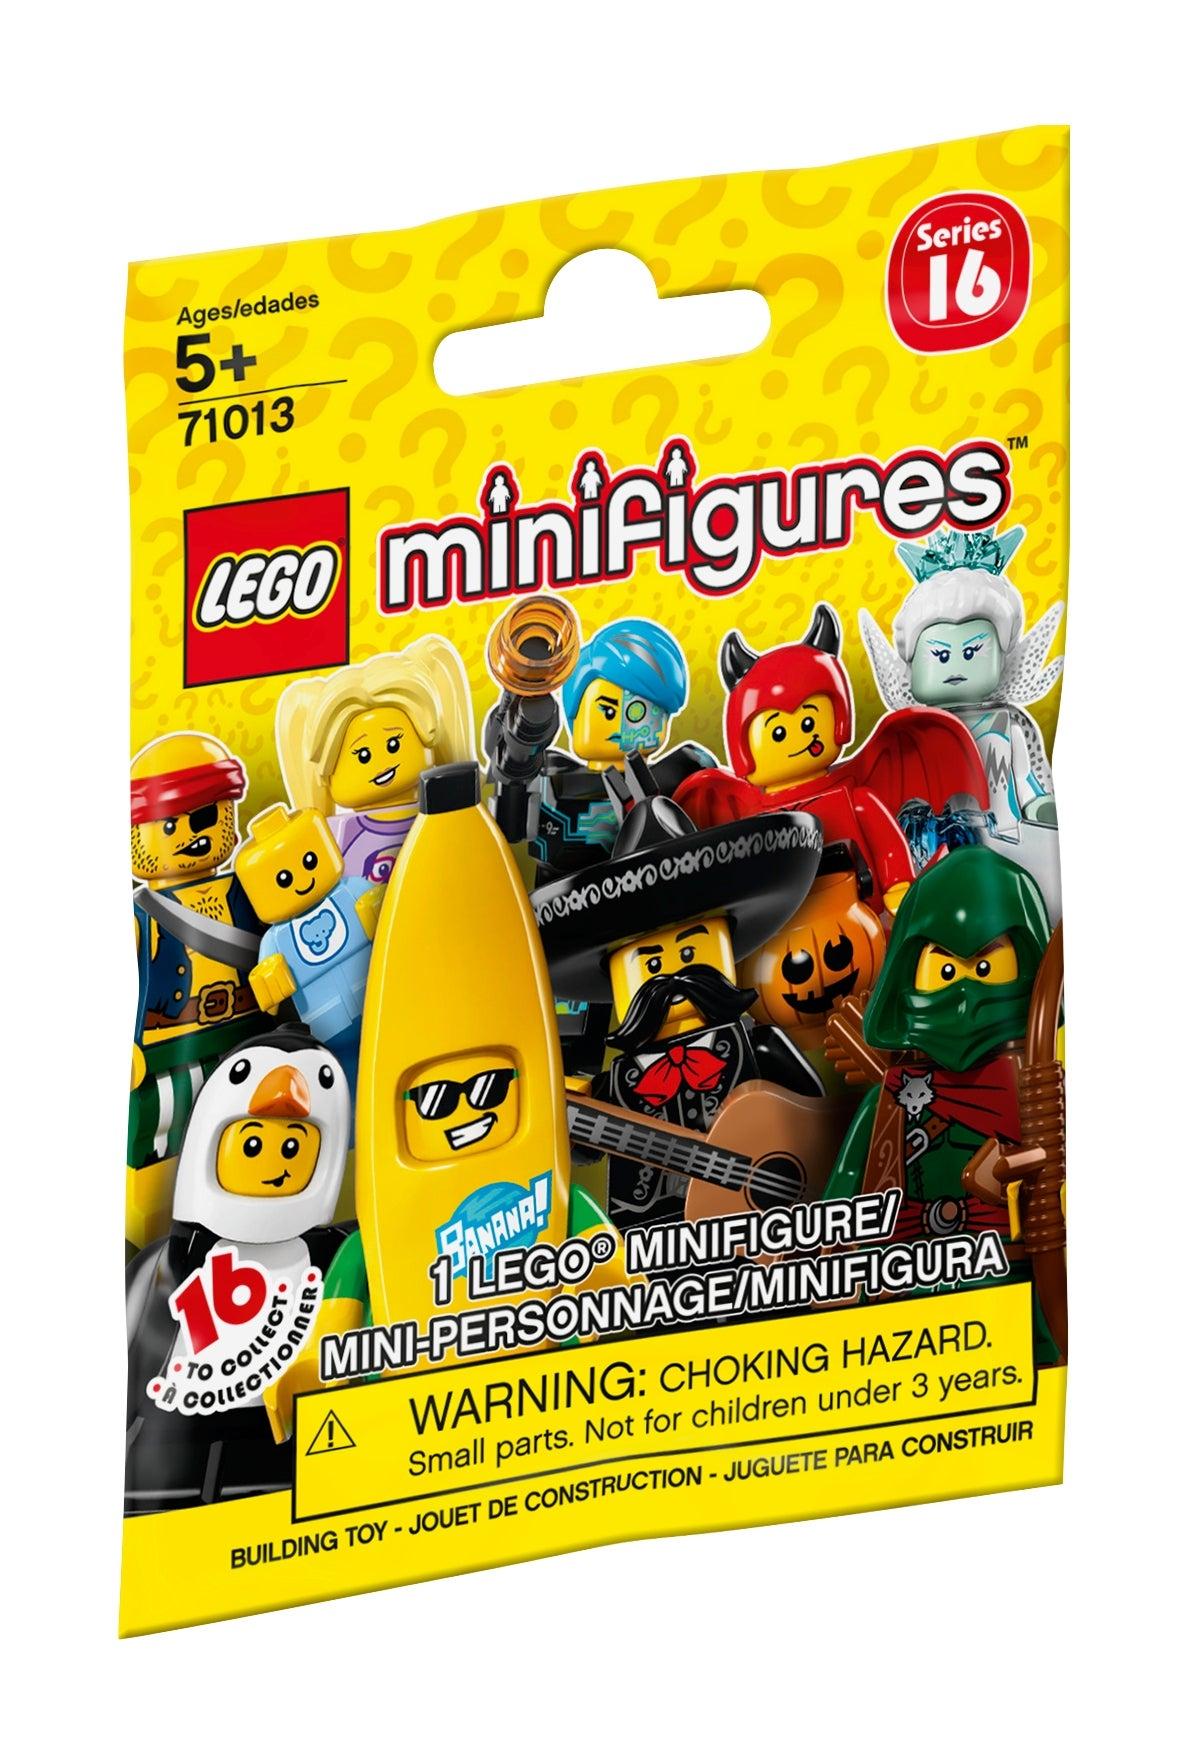 LEGO Penguin Kid Minifigure 71013 Series 16